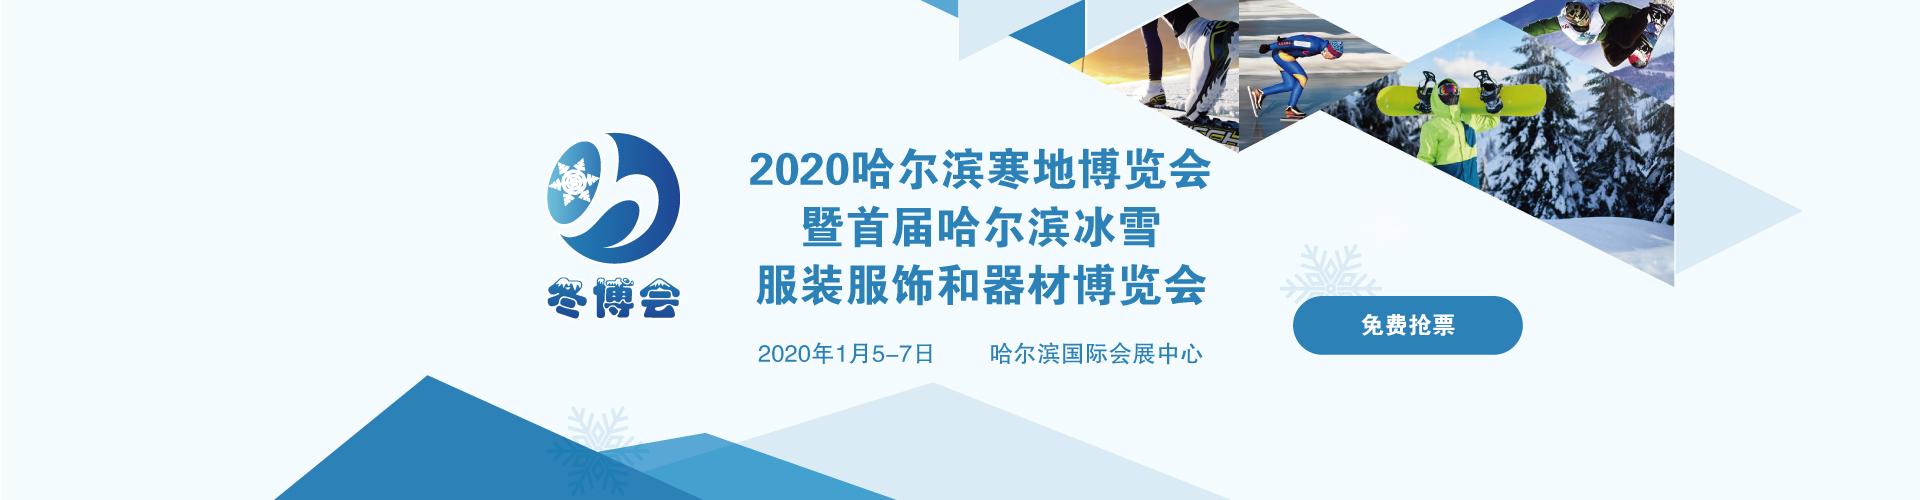 2020哈尔滨寒地博览会